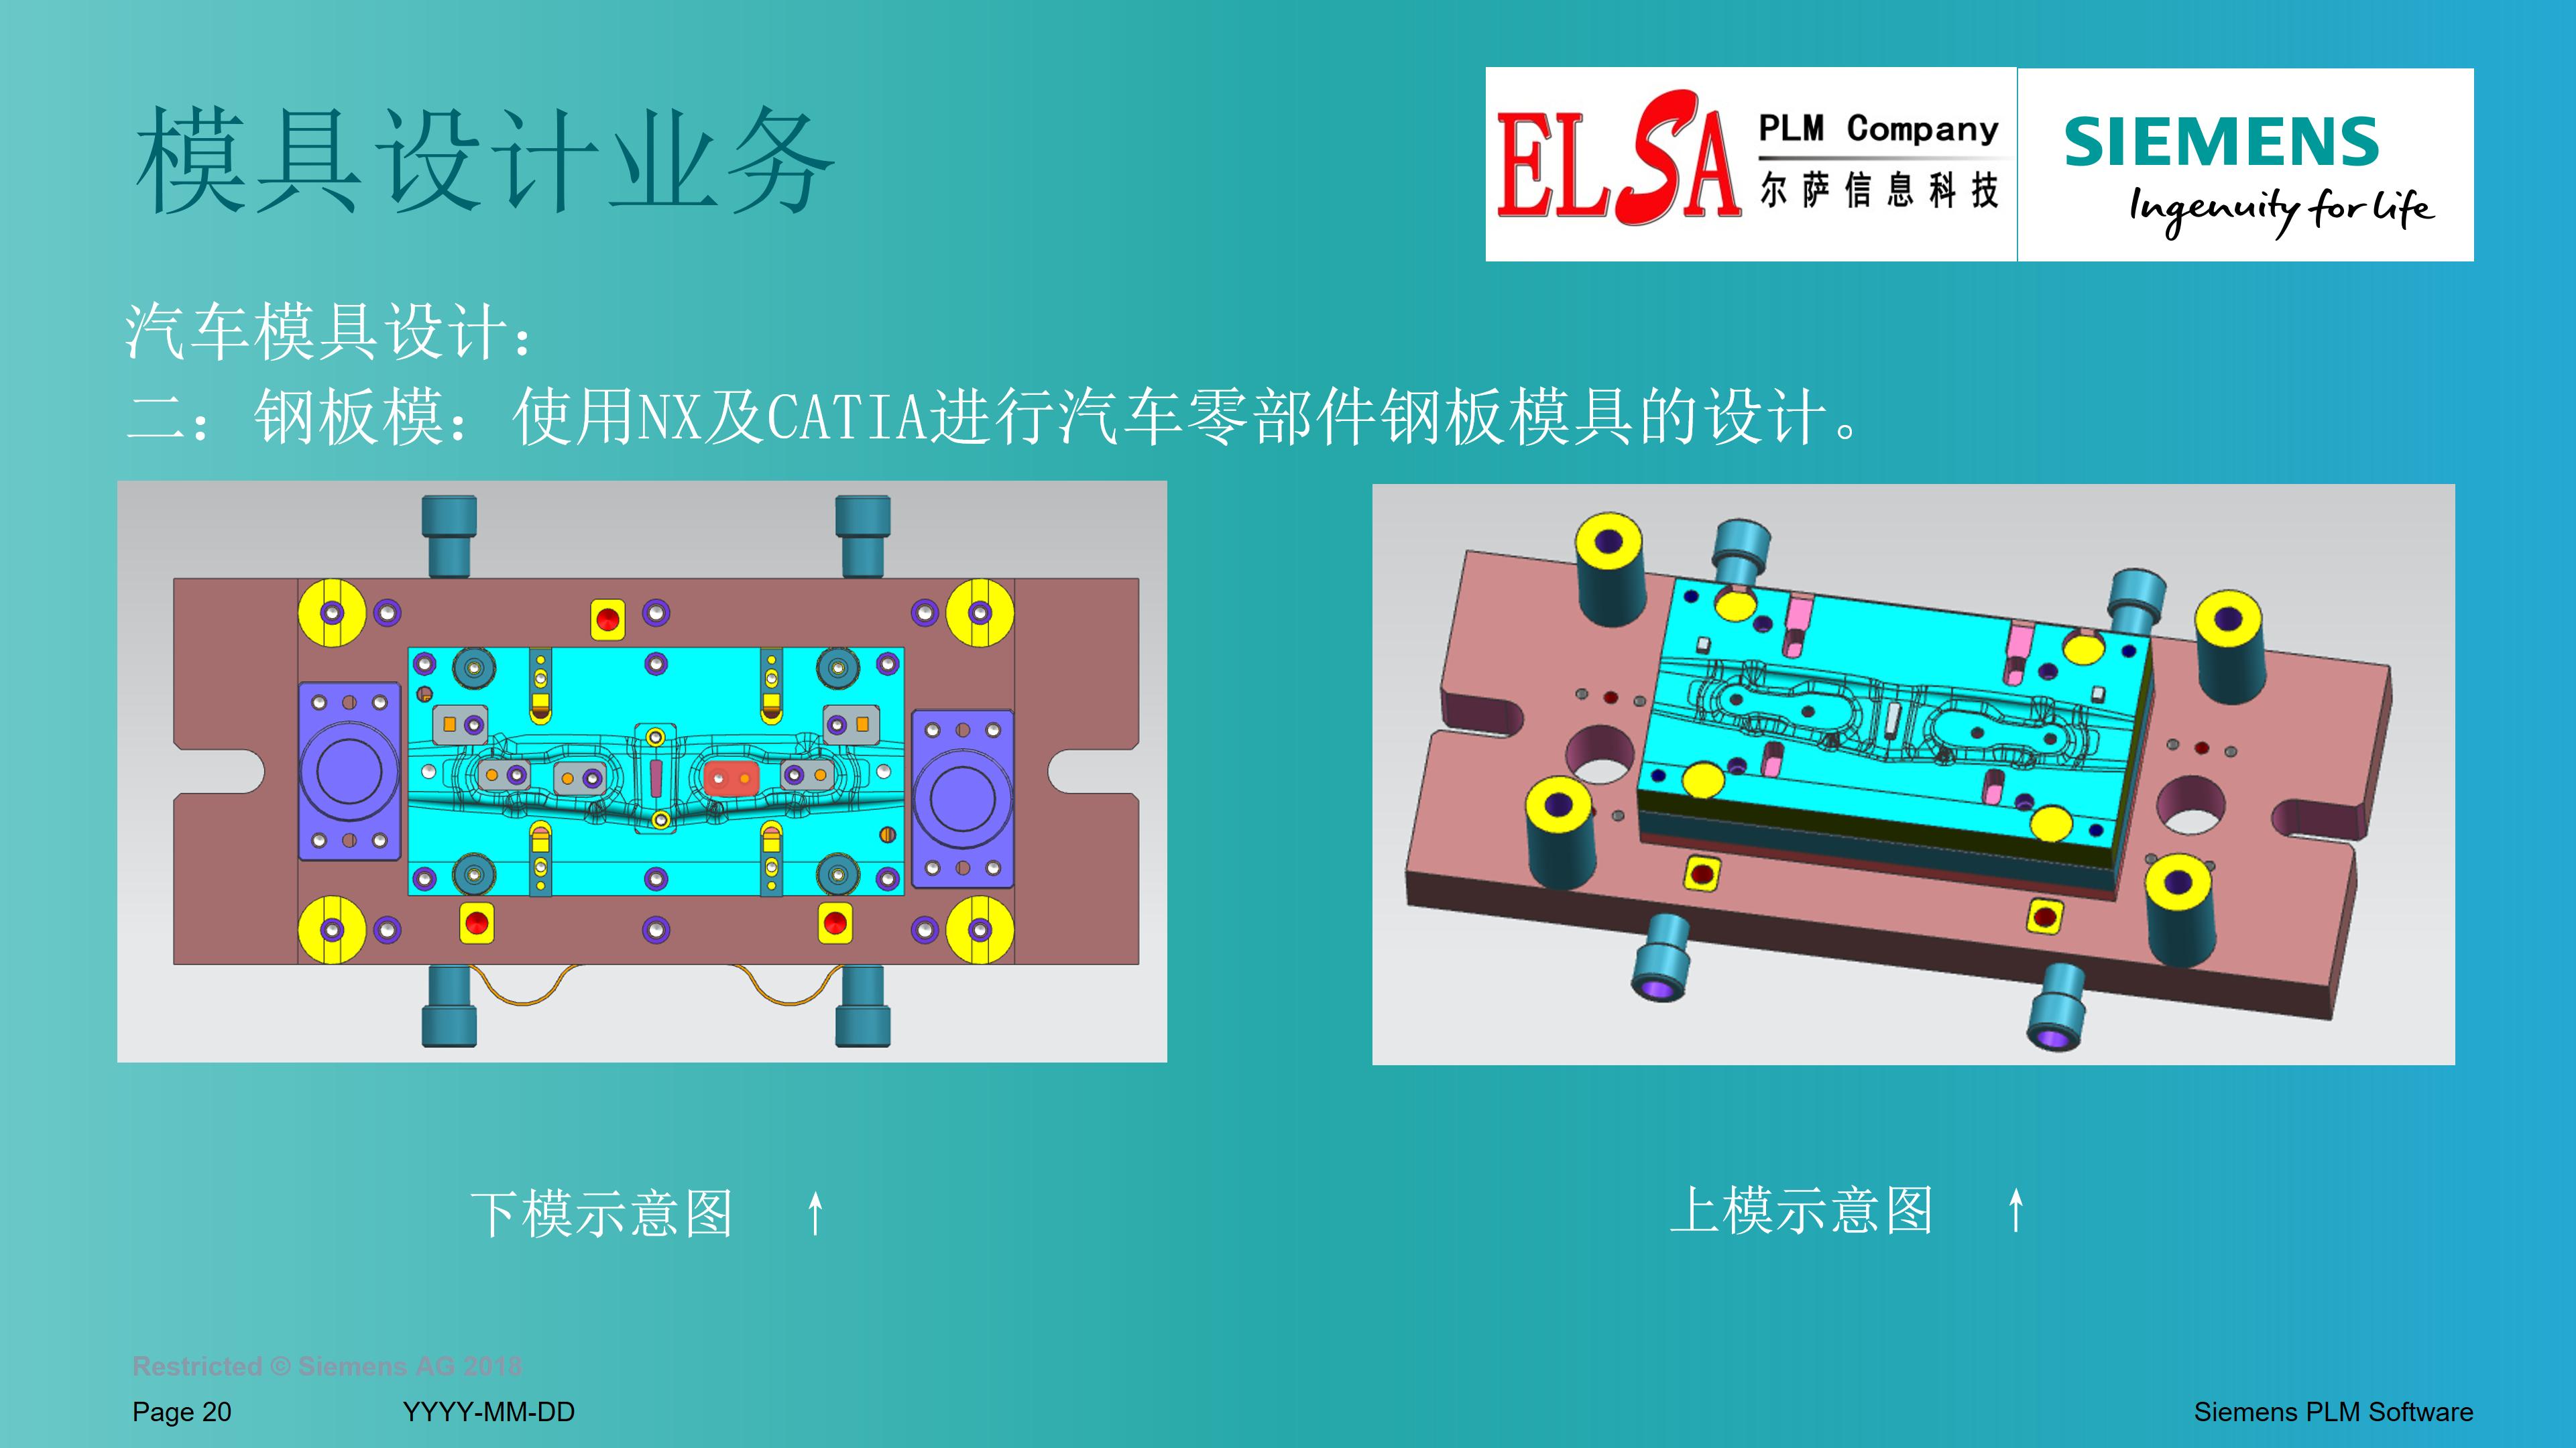 上海尔萨信息科技有限公司-技术业务介绍-上海尔萨信息科技有限公司-技术业务介绍_20